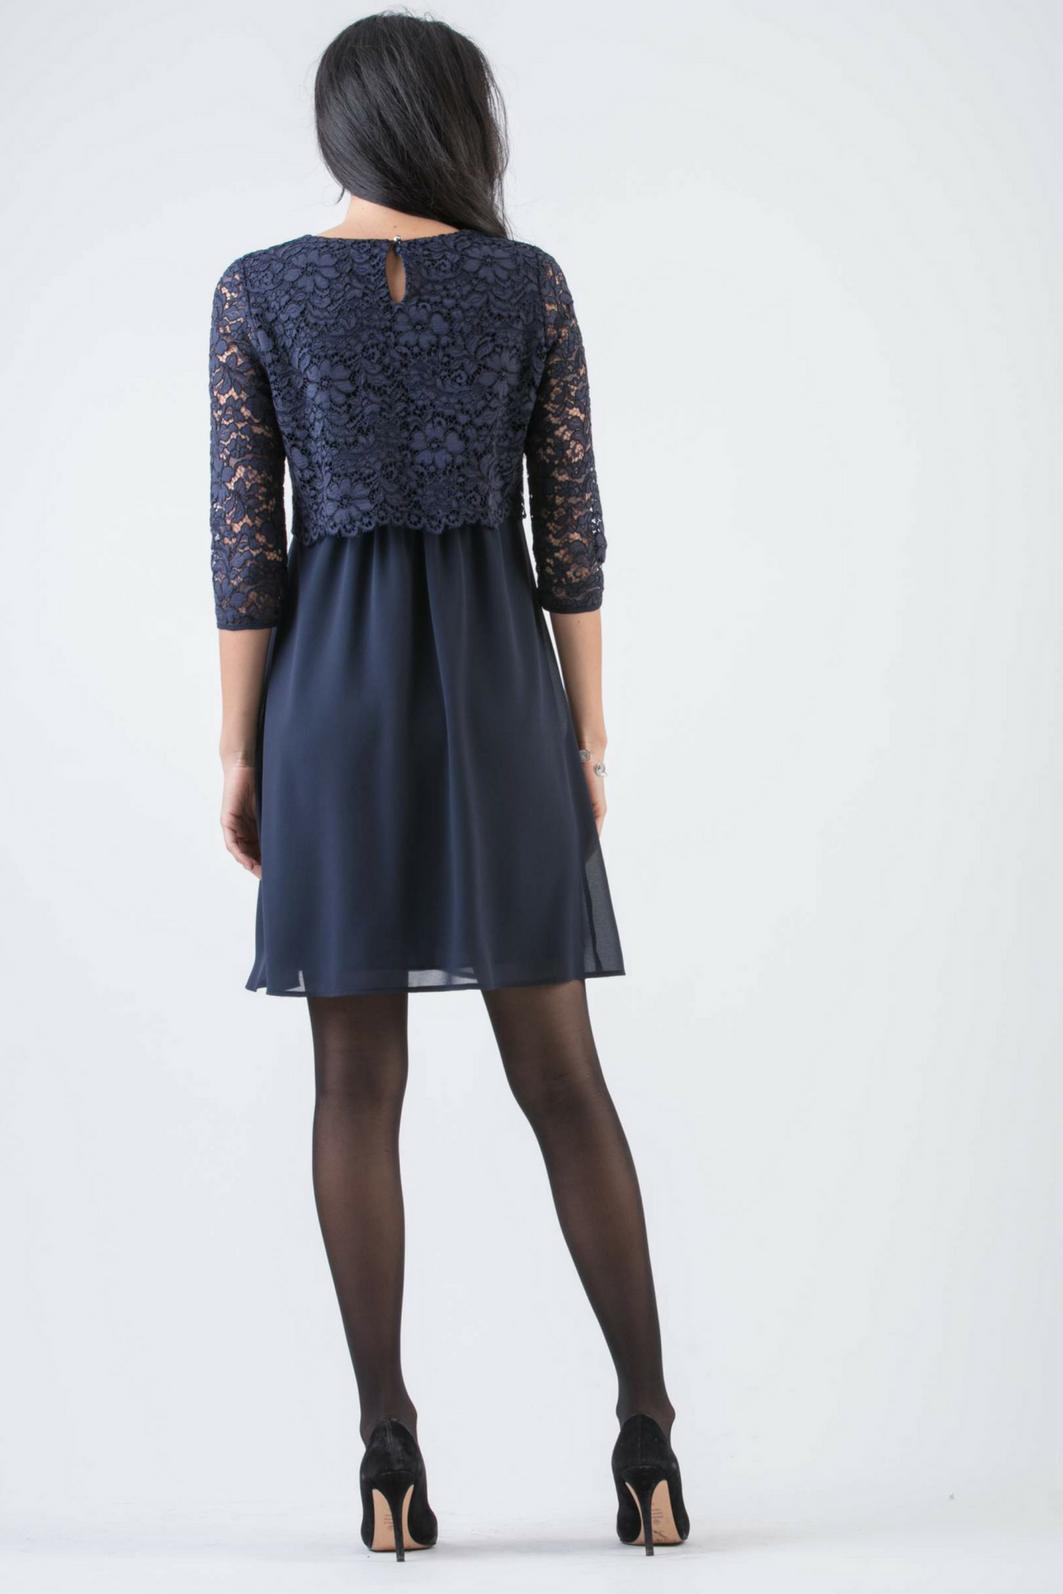 Attesa hochwertiges blaues Umstandskleid mit Stillfunktion mit Spitze von Attesa